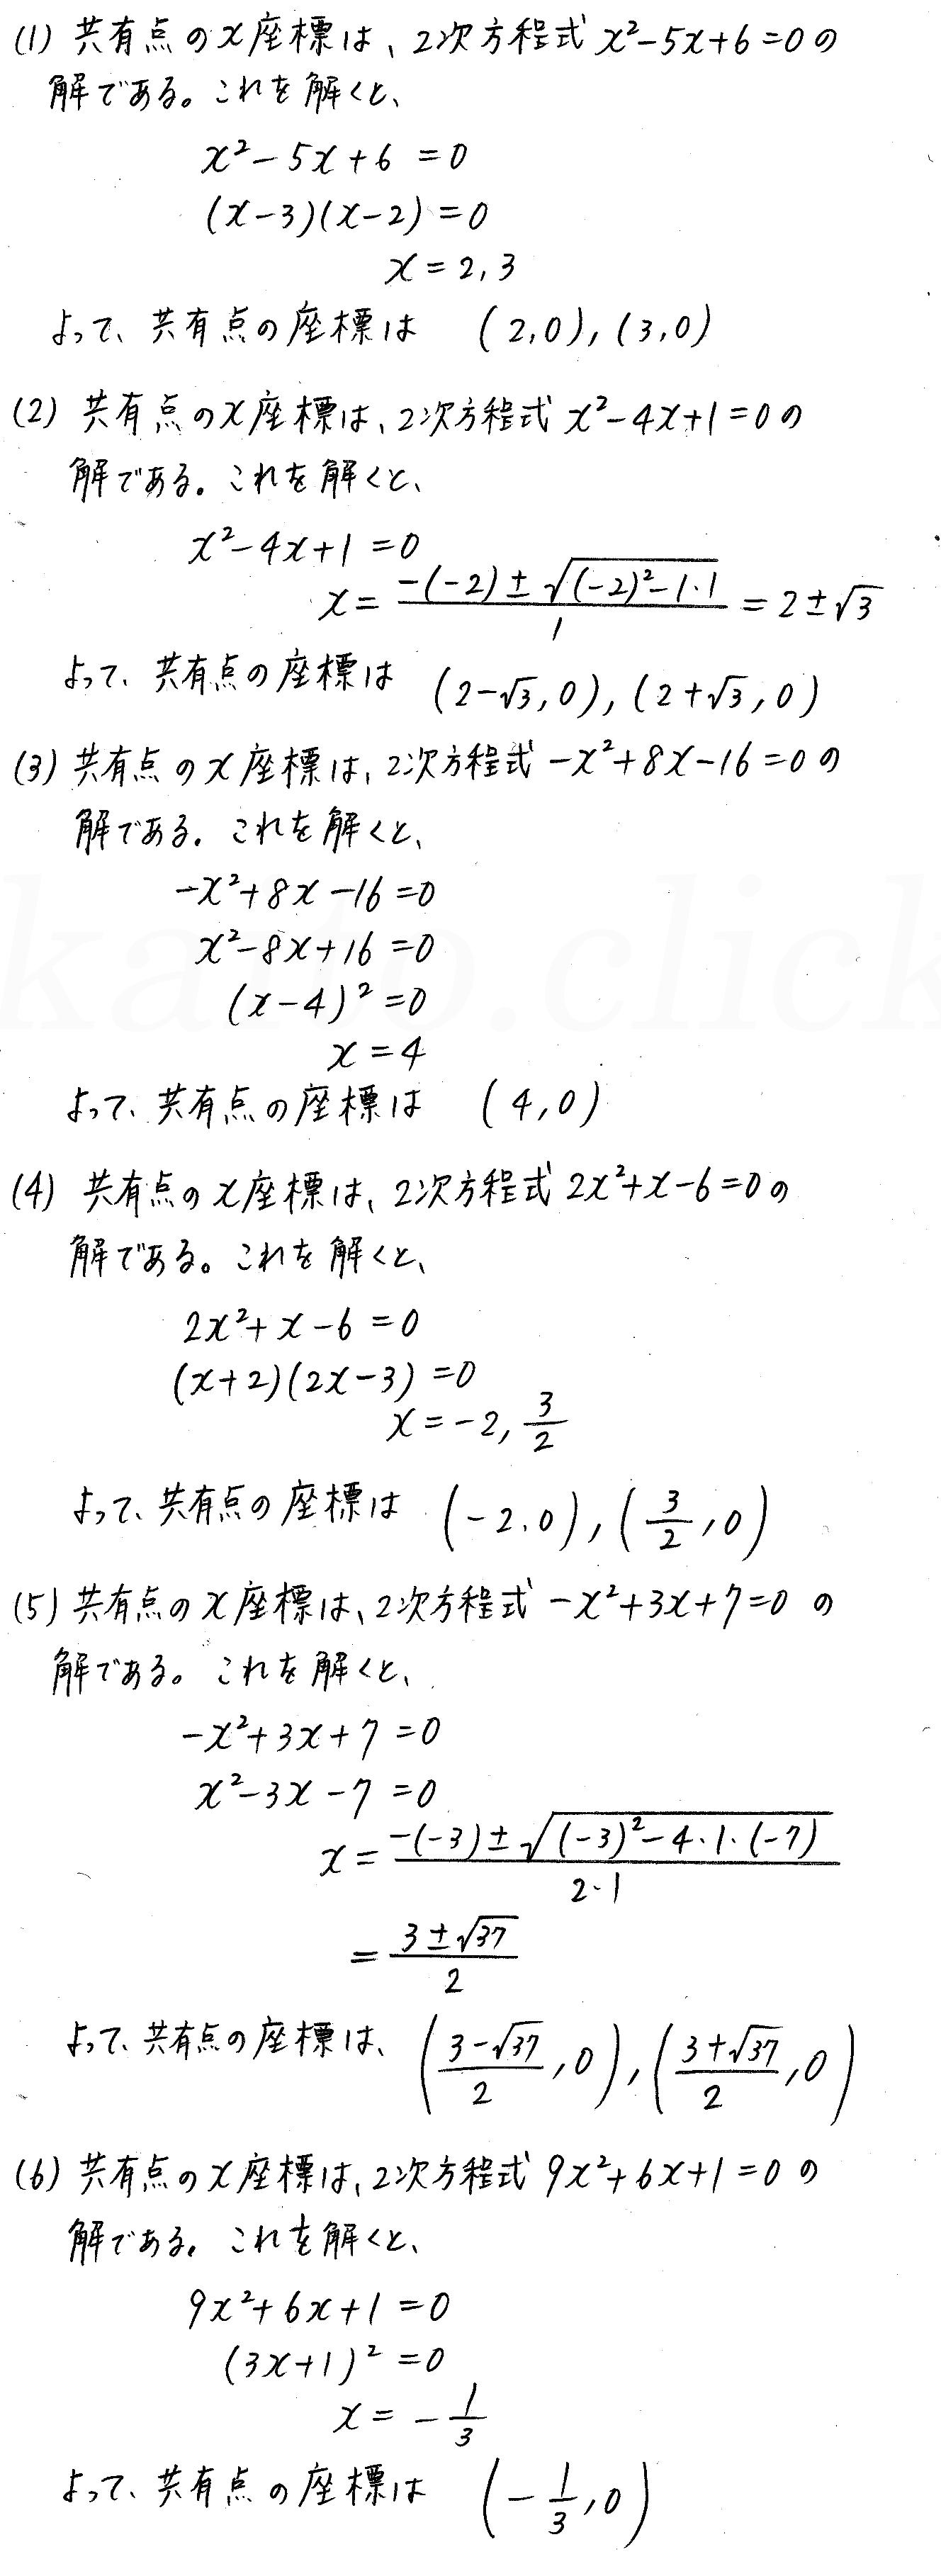 クリアー数学1-207解答